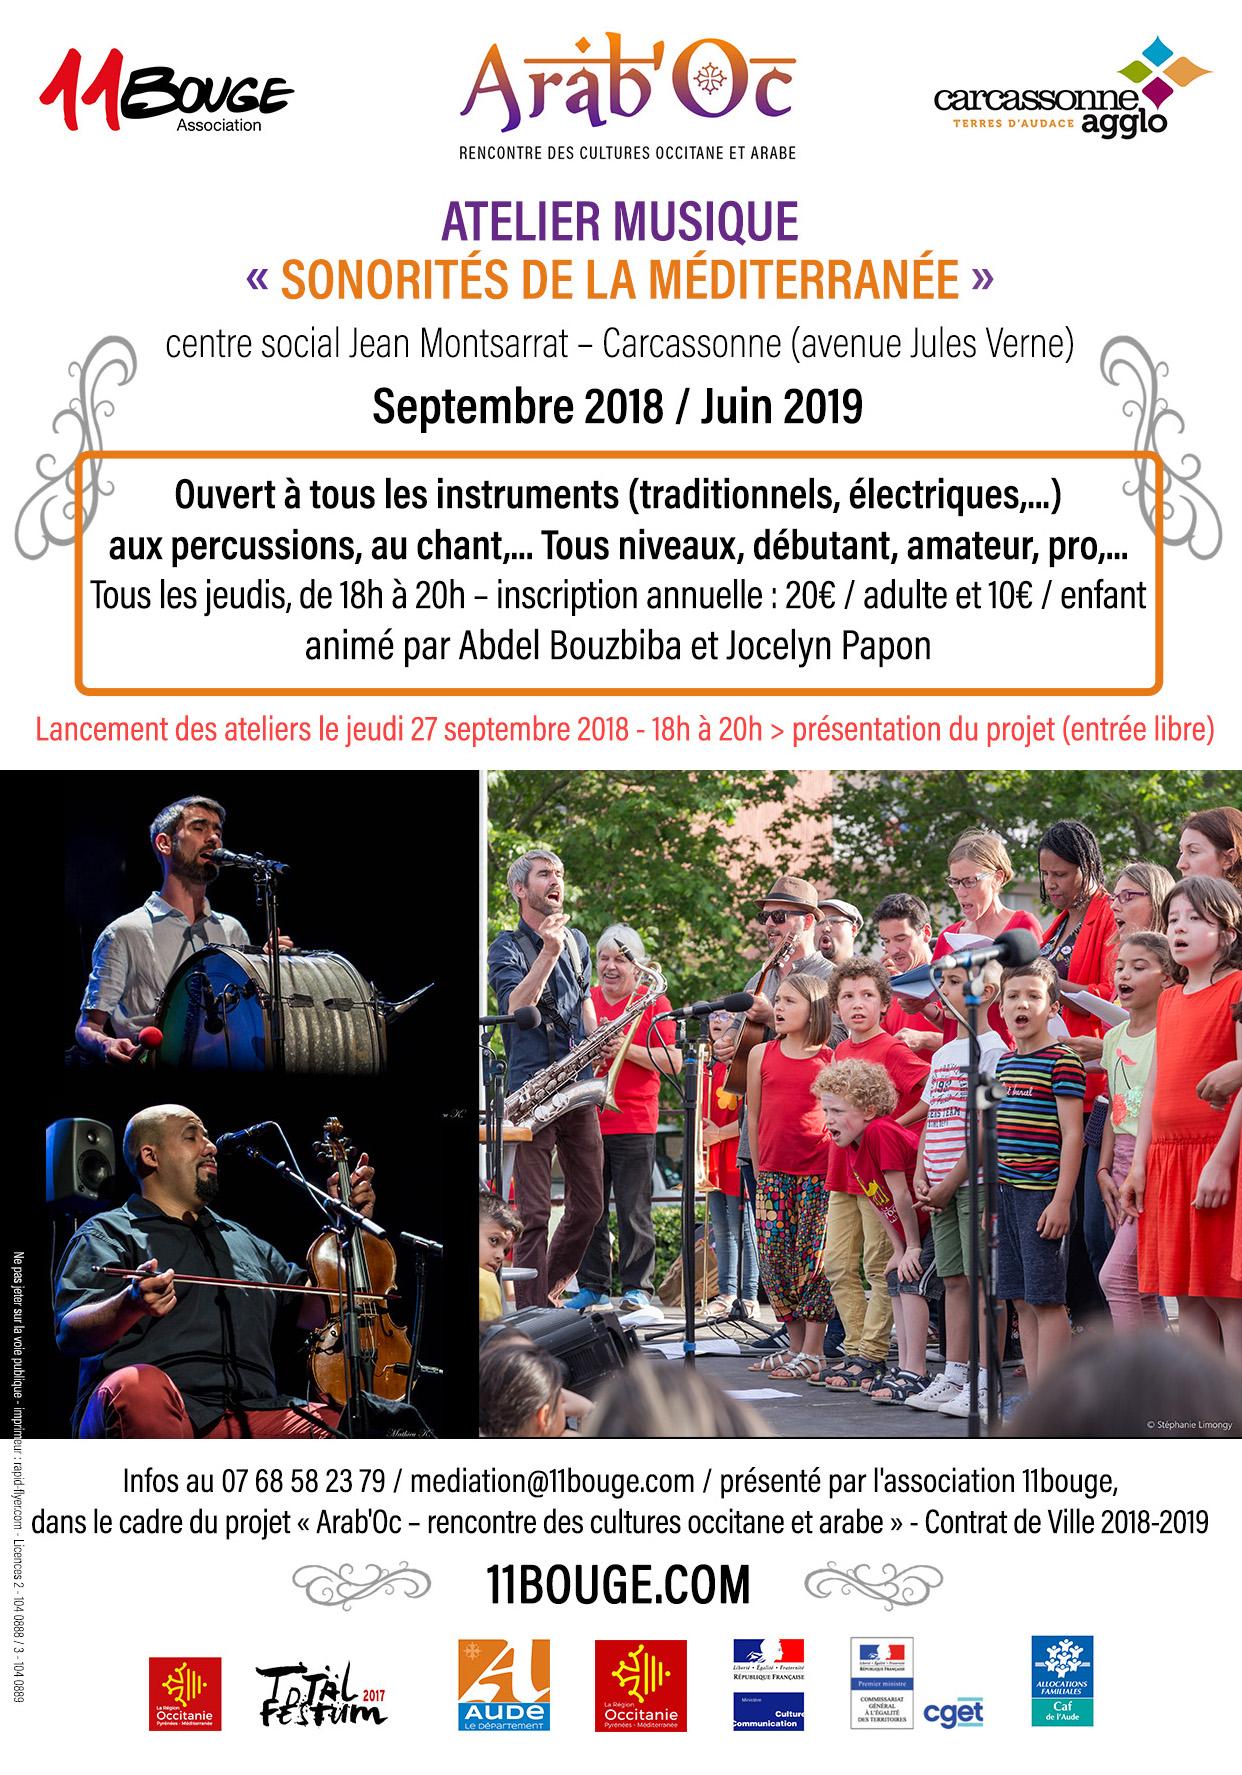 Atelier Sonorités de la Méditerranée et au Grand Orchestre Arab'Oc